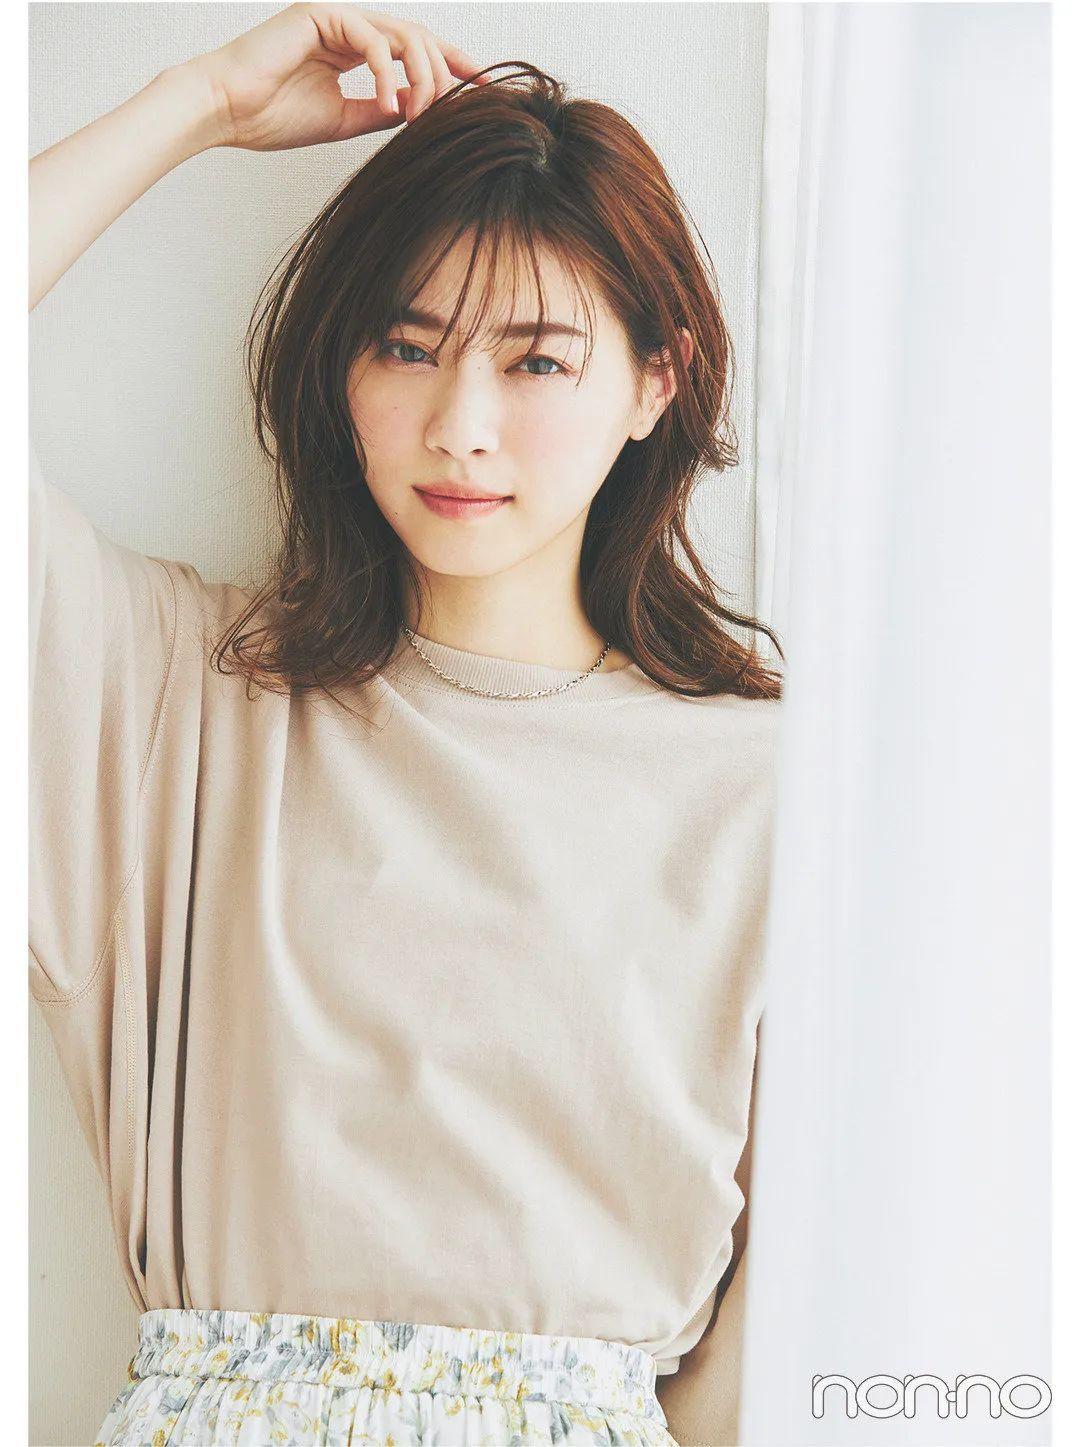 写真 – 刚出道的西野七濑和现在对比一下,漂亮是这样炼成的_图片 No.24